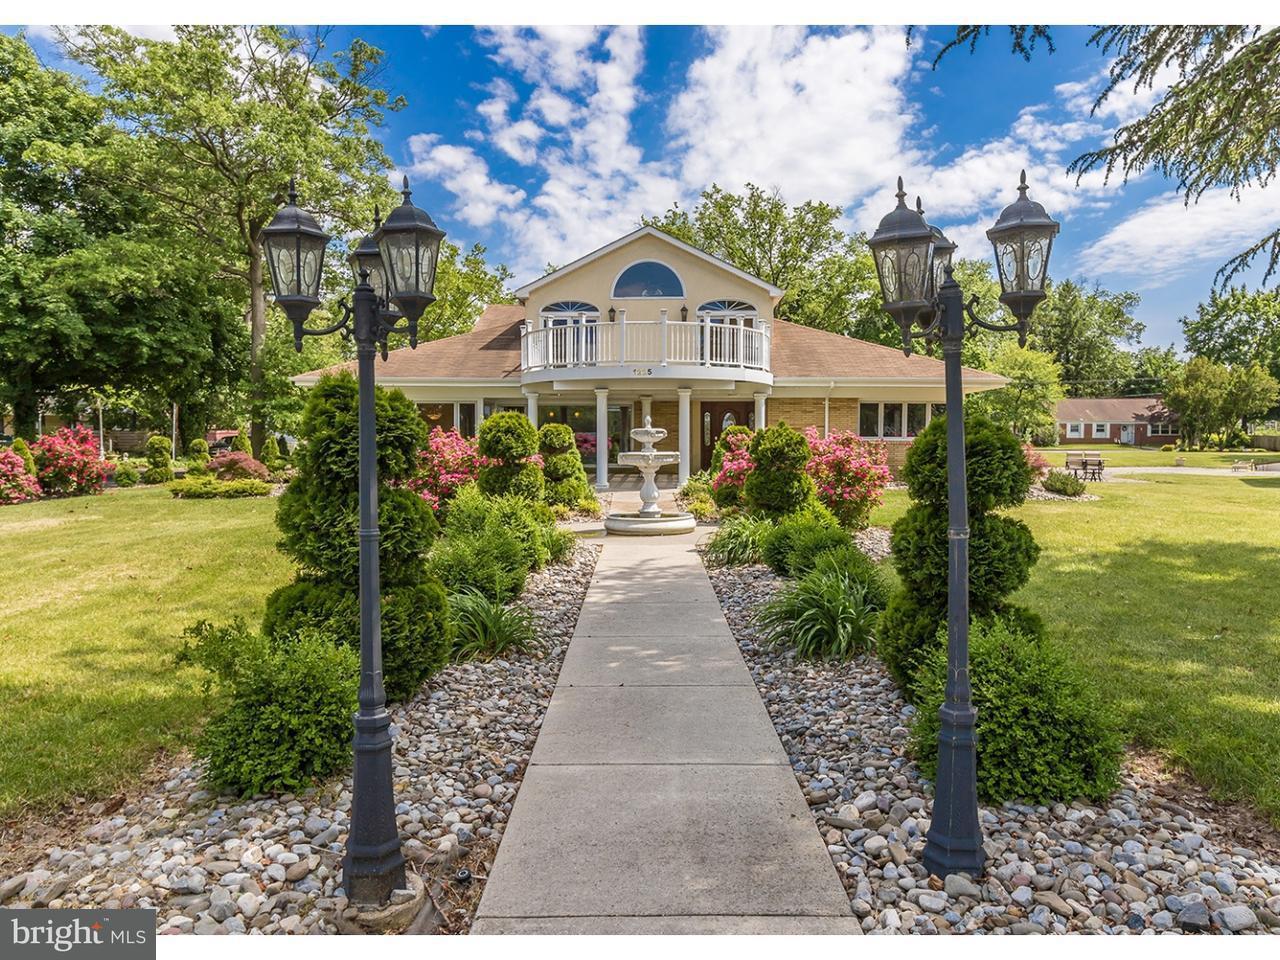 Частный односемейный дом для того Продажа на 1225 DELAWARE Avenue Delanco, Нью-Джерси 08075 Соединенные Штаты